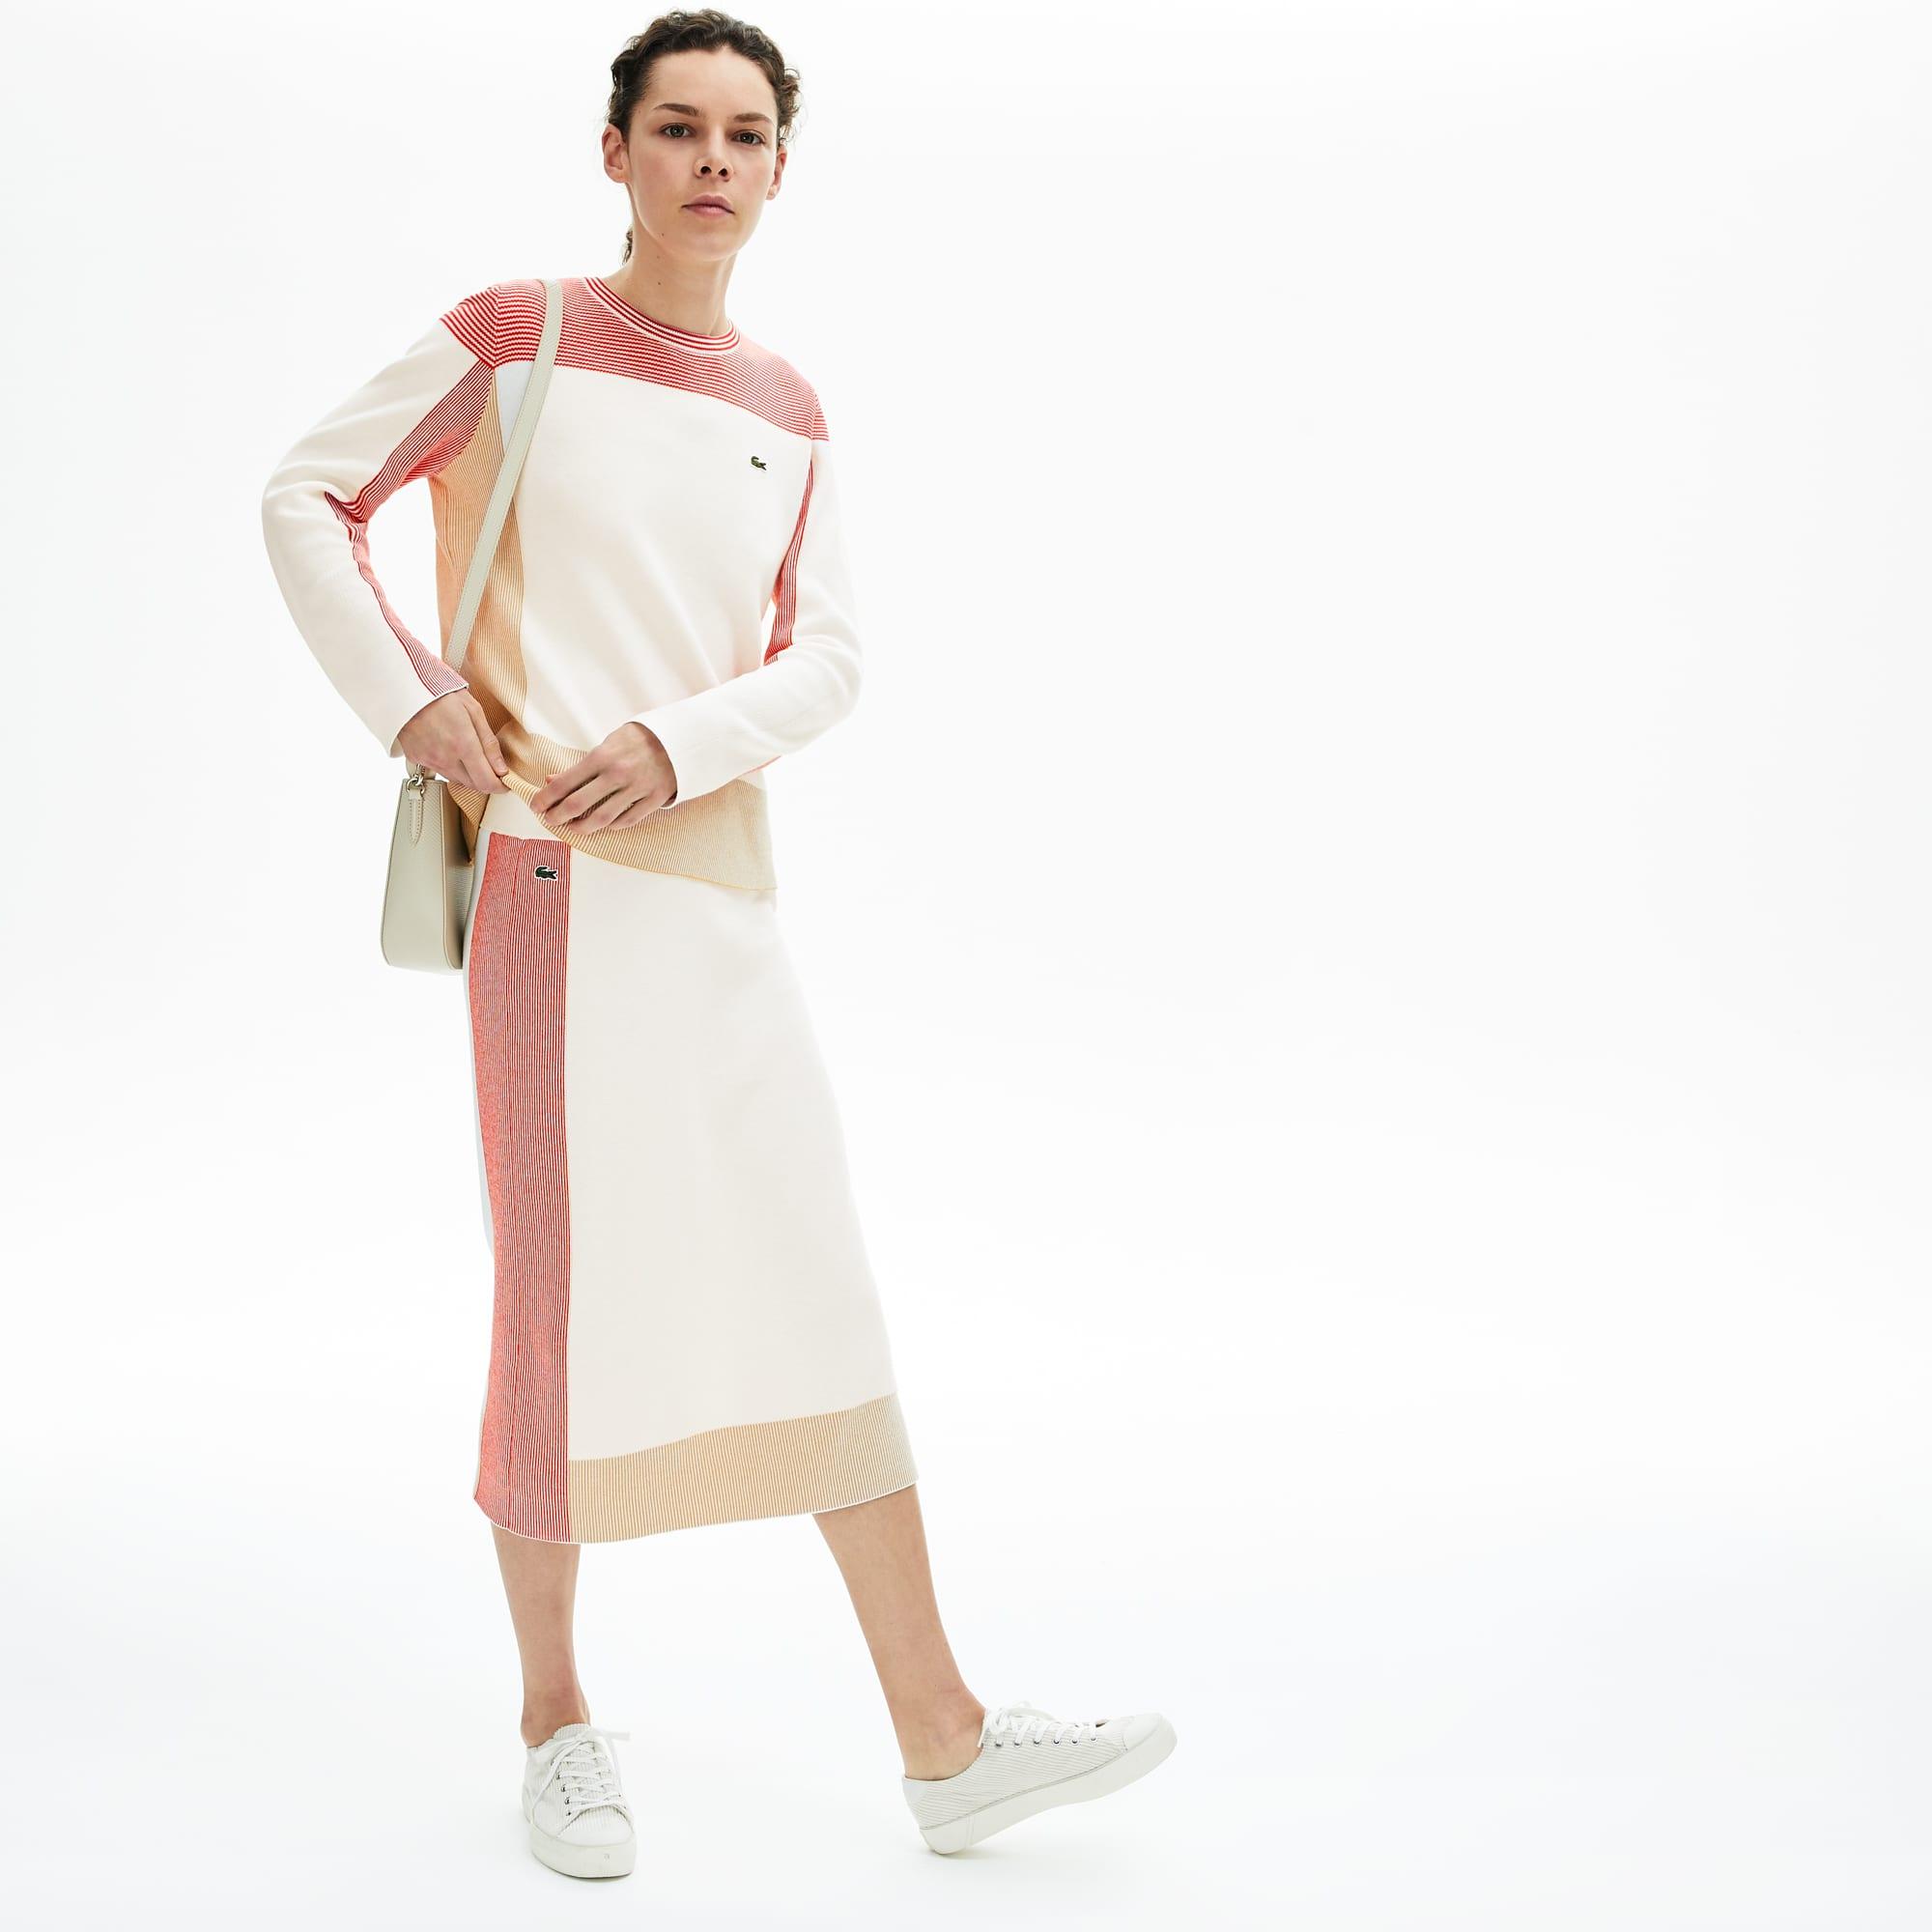 تنورة ضيقة بألوان متعددة للسيدات